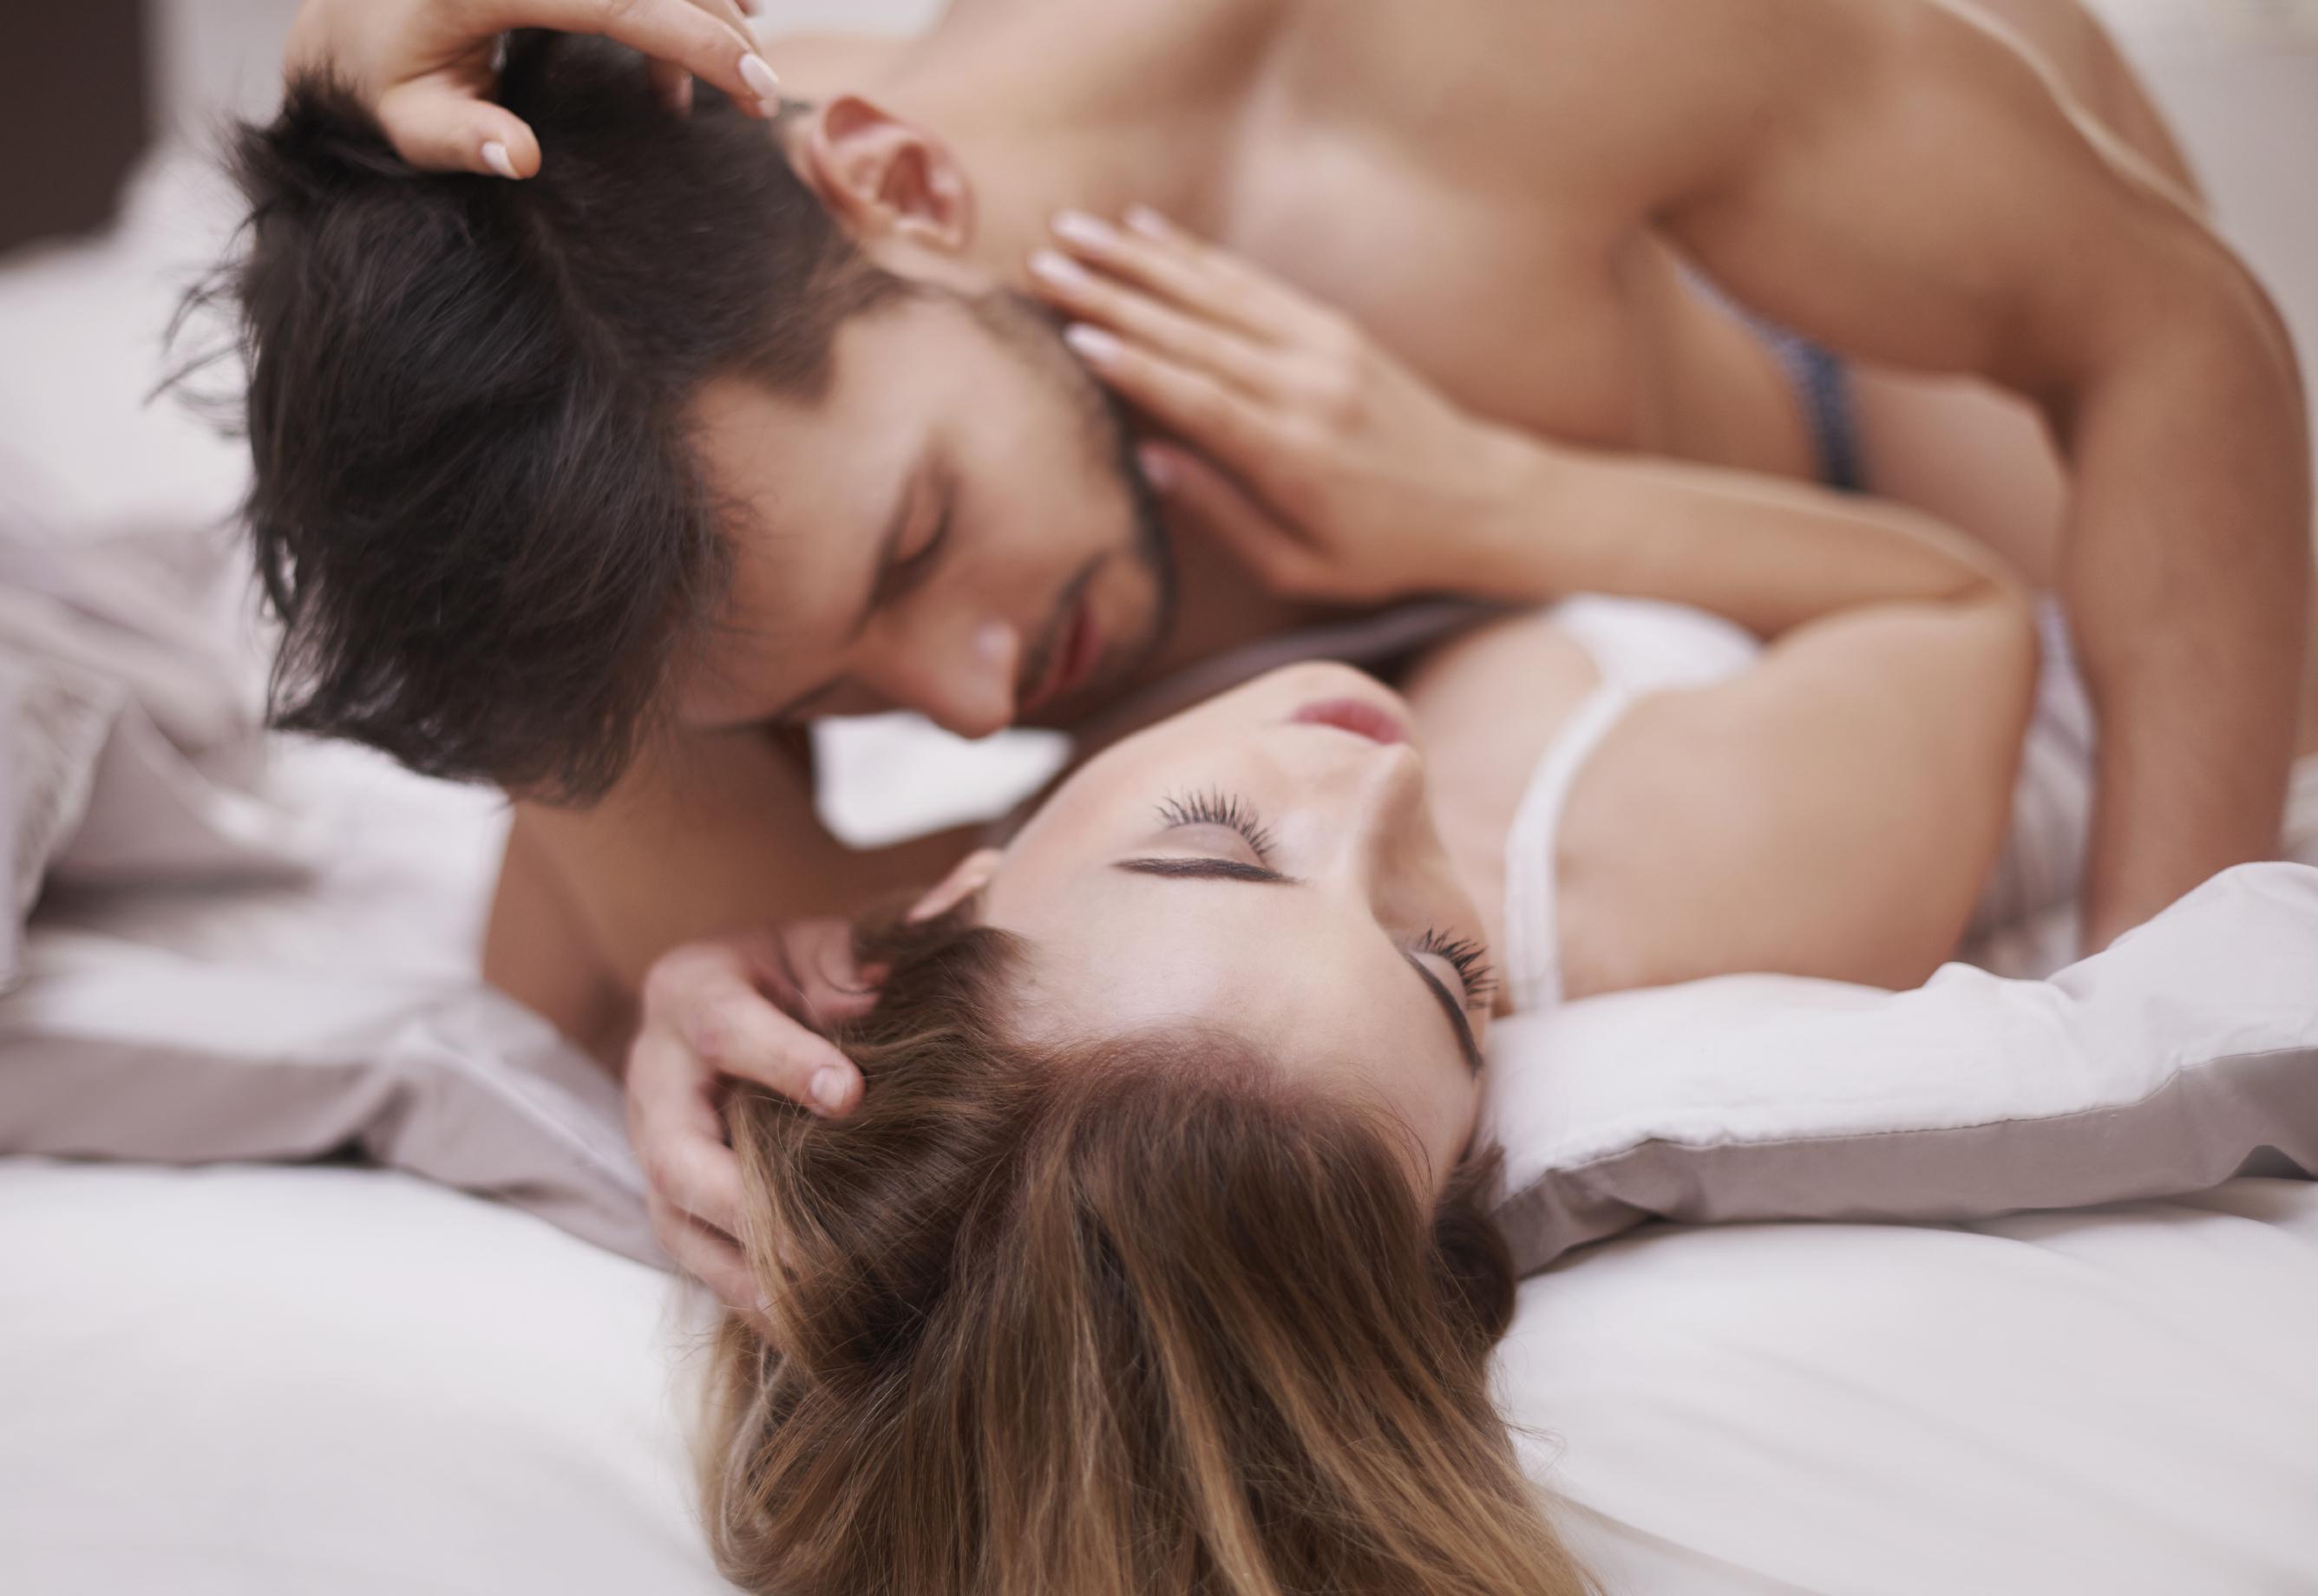 Sexfantasien der frauen